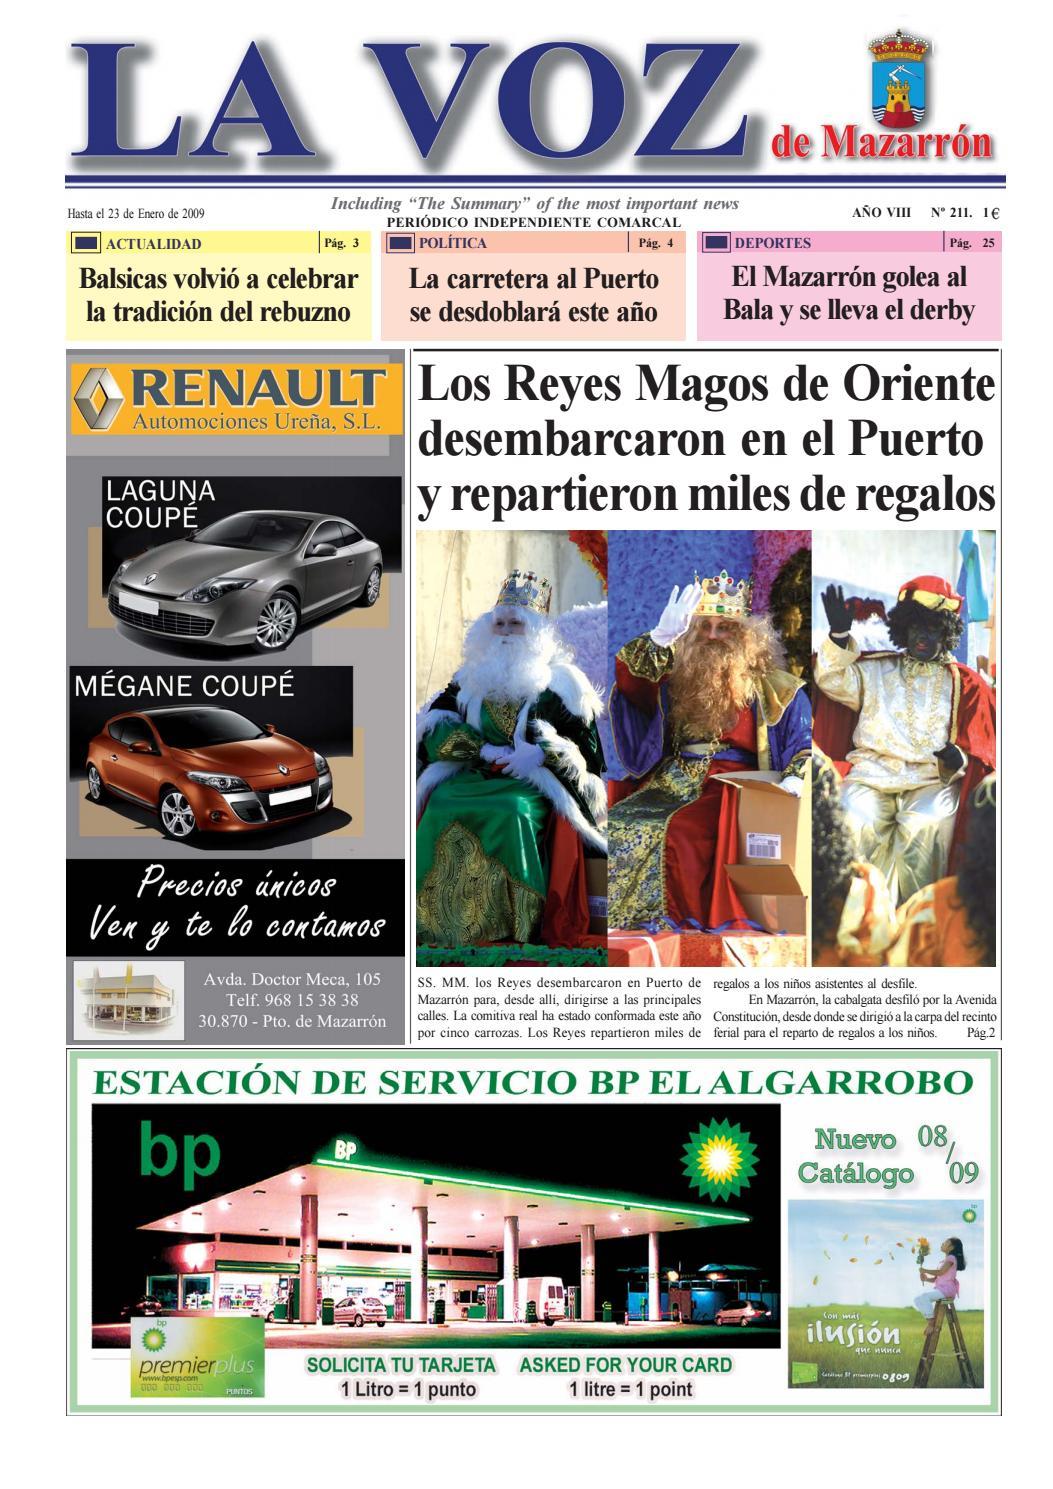 Voz211 by La Voz de Mazarrón (Periódico) - issuu